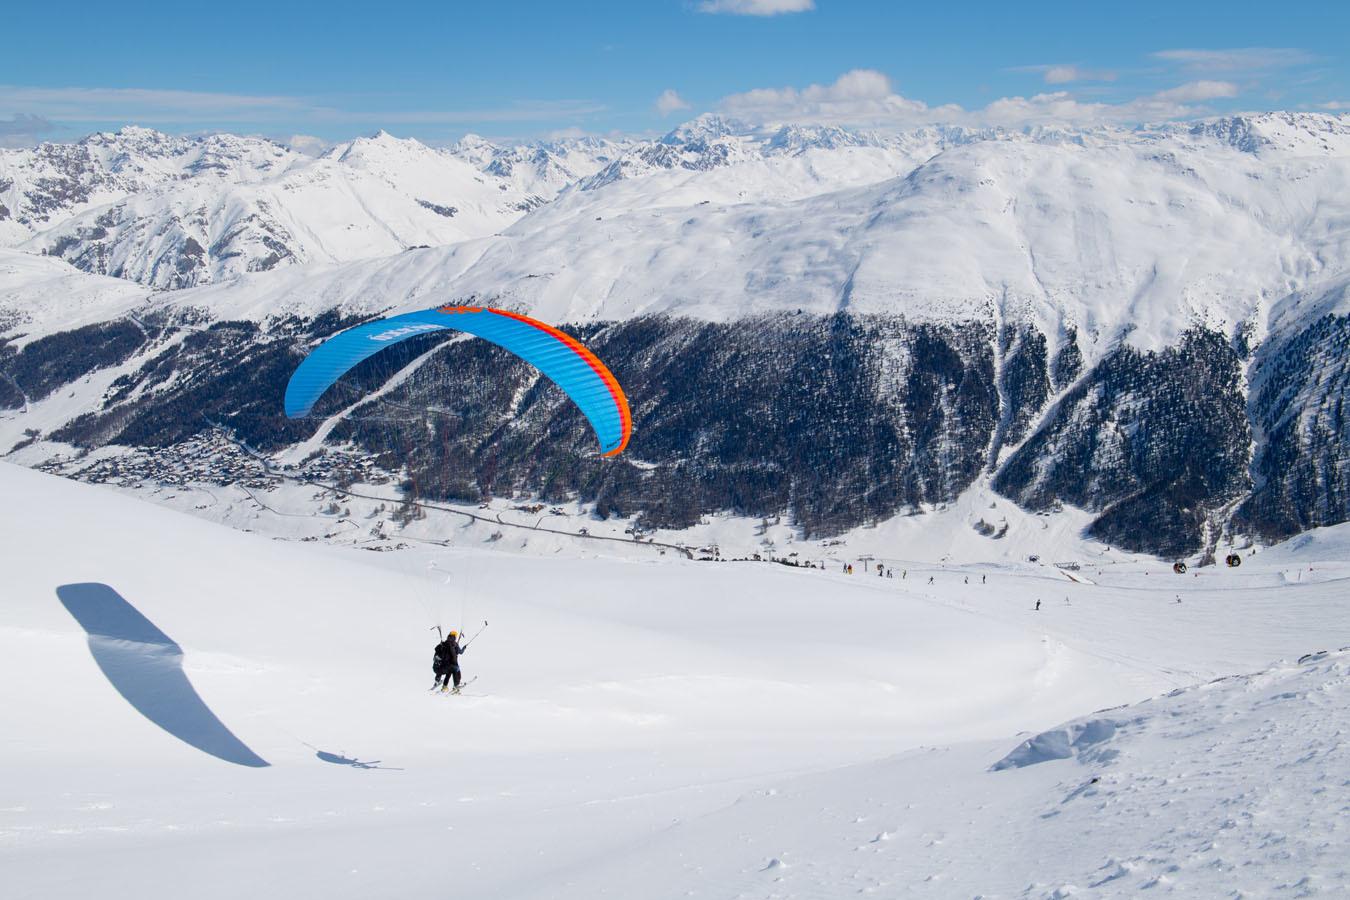 Foto Di Natale Neve Inverno 94.La Stagione Invernale 2019 Di Livigno